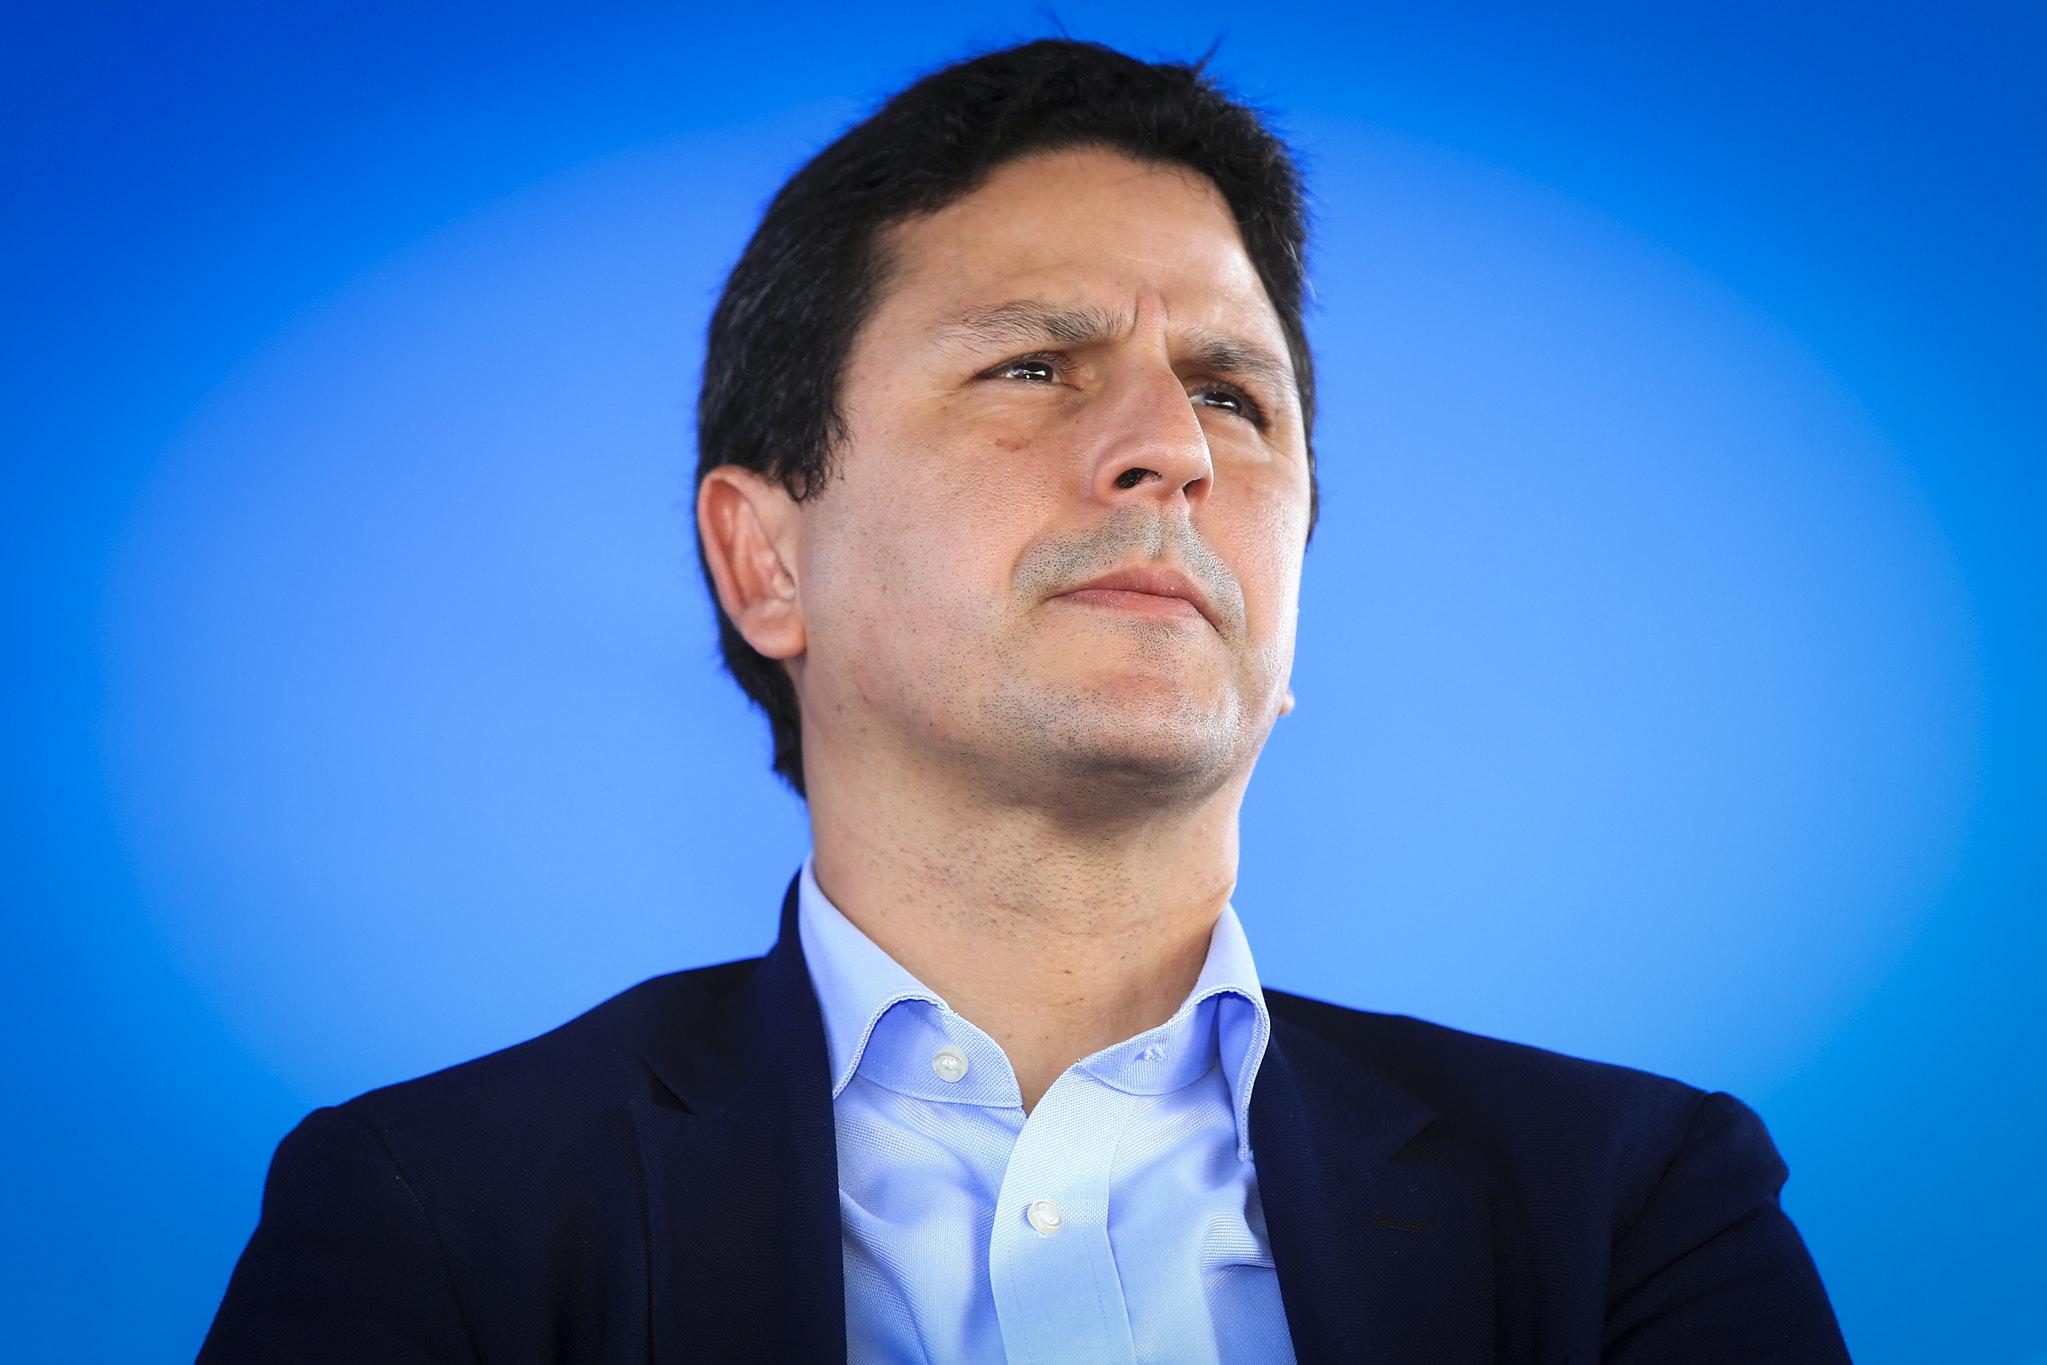 IMAGEM: PSDB pode abrir mão de candidatura ao Planalto, diz presidente do partido